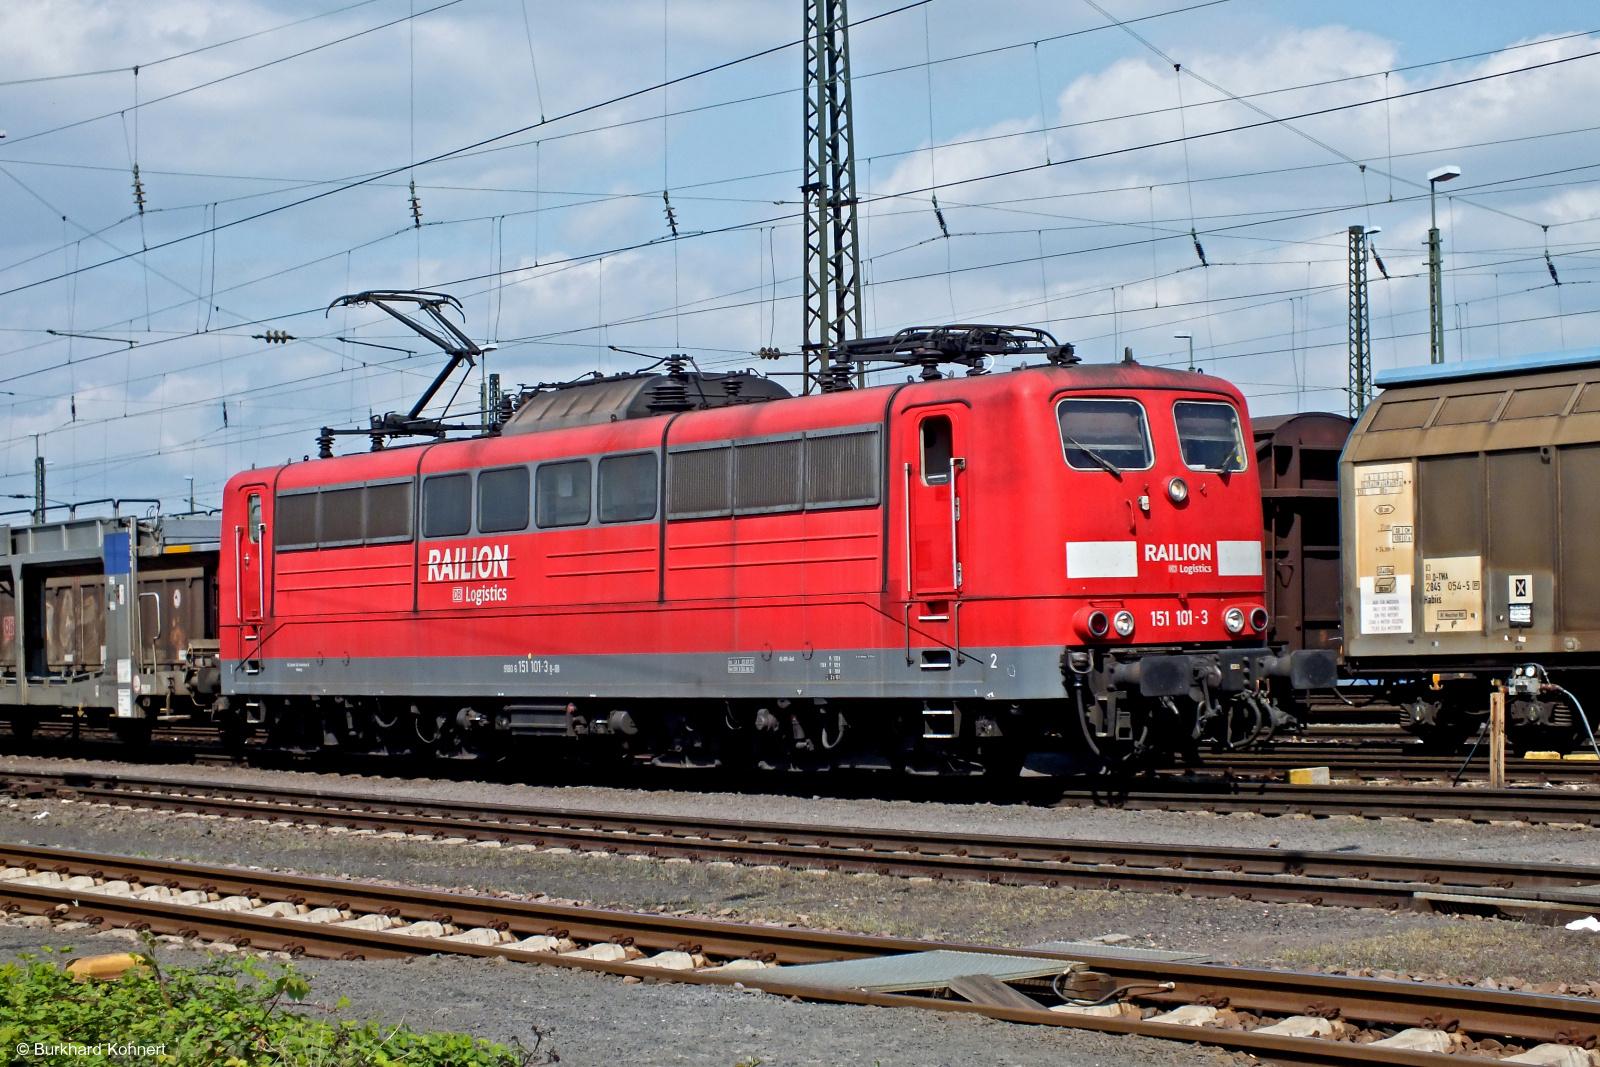 151 101-3 Railion mit einem Autotransportzug